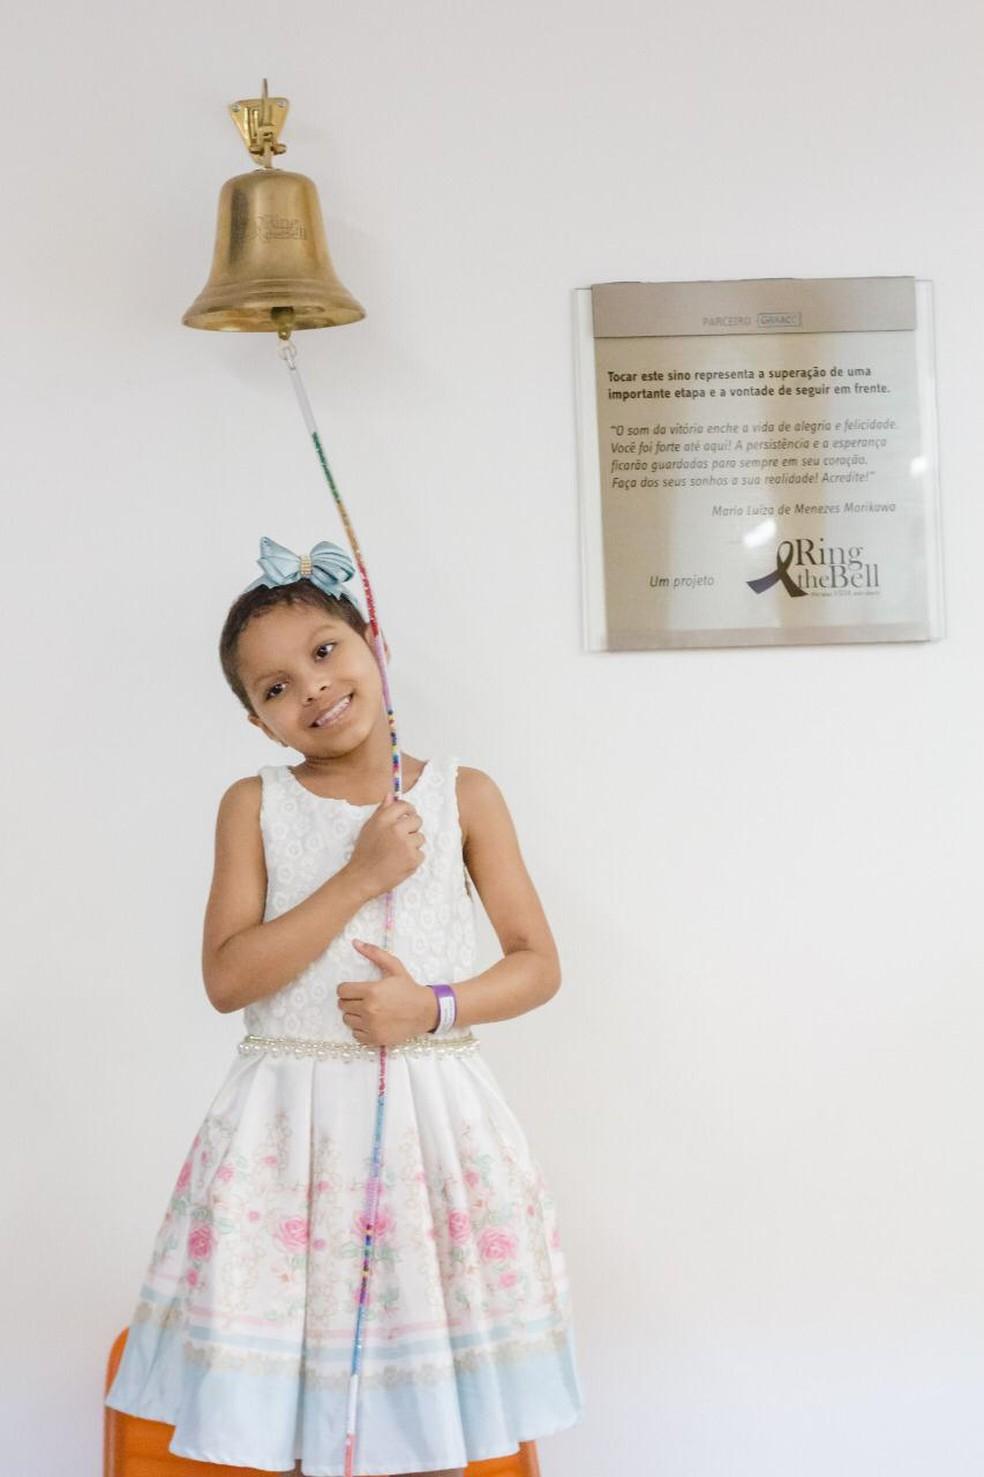 Yasmin Marques tocou o 'sino da cura' em dezembro   — Foto: Daniela Cristina Marques/Arquivo pessoal